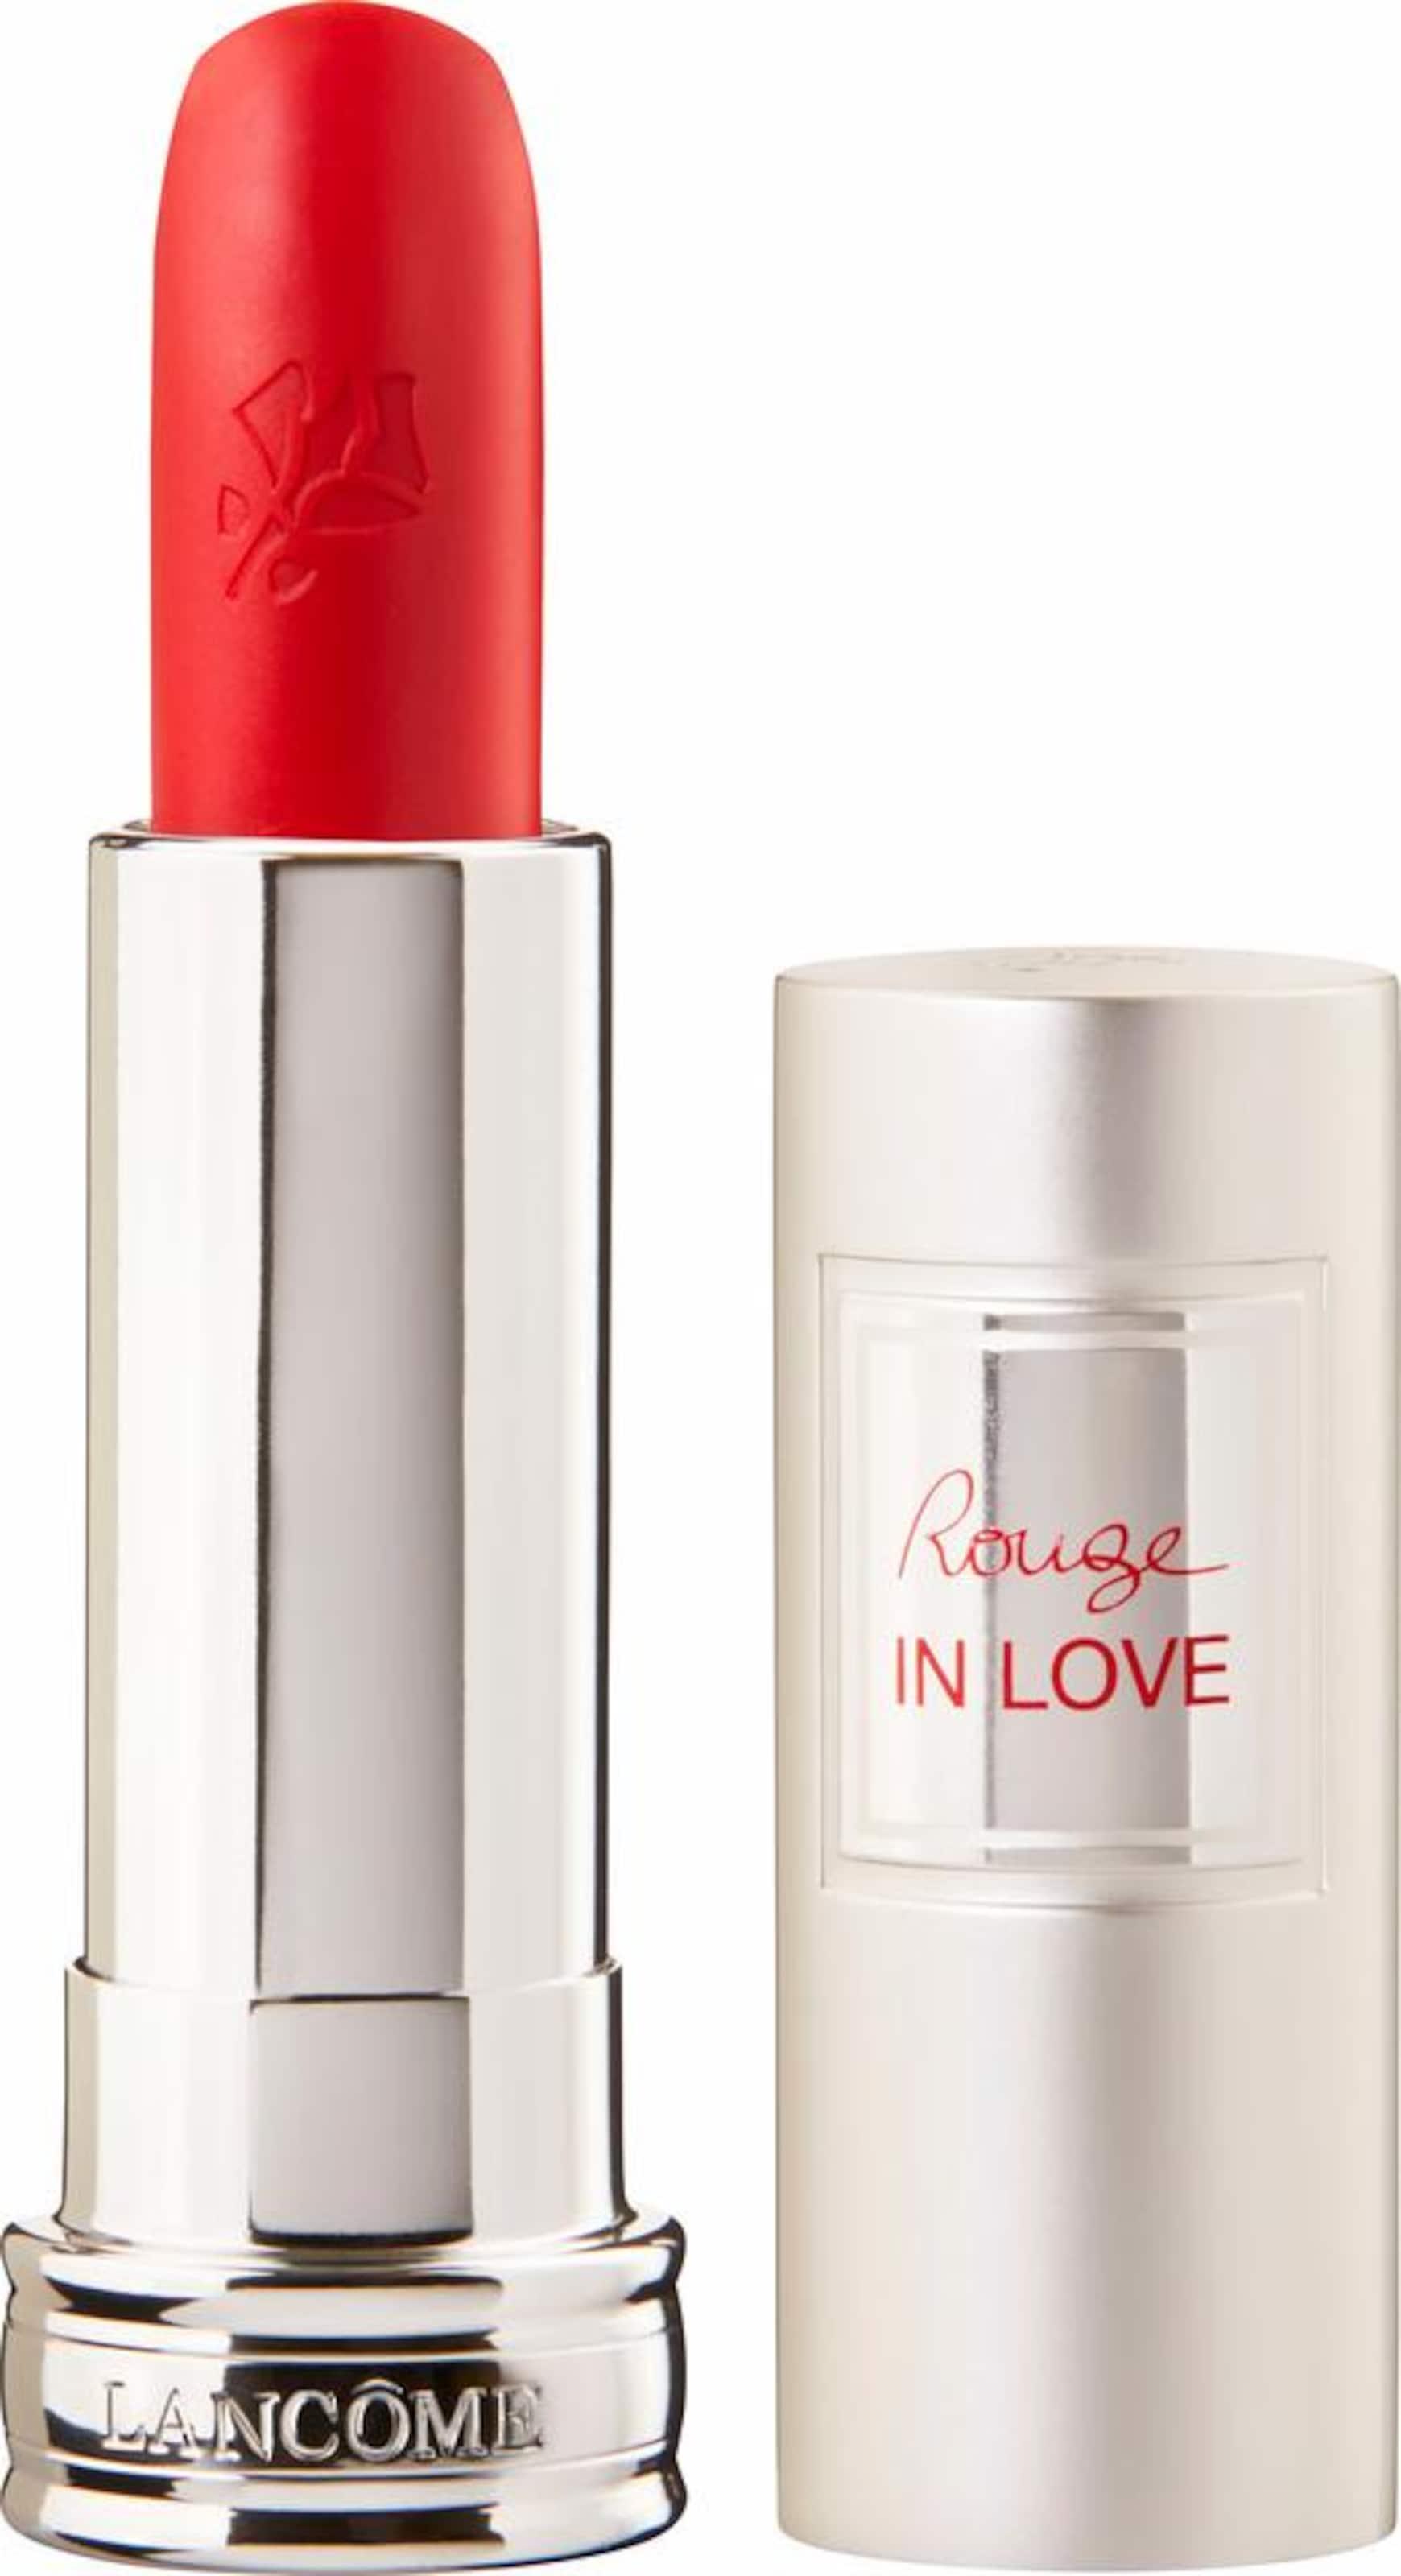 Lancôme 'Rouge in Love' Lippenstift Niedrige Versandgebühr Günstiger Preis Breite Palette Von Online-Verkauf Rabatt Großhandel Größte Anbieter Günstiger Preis IDyDLQt